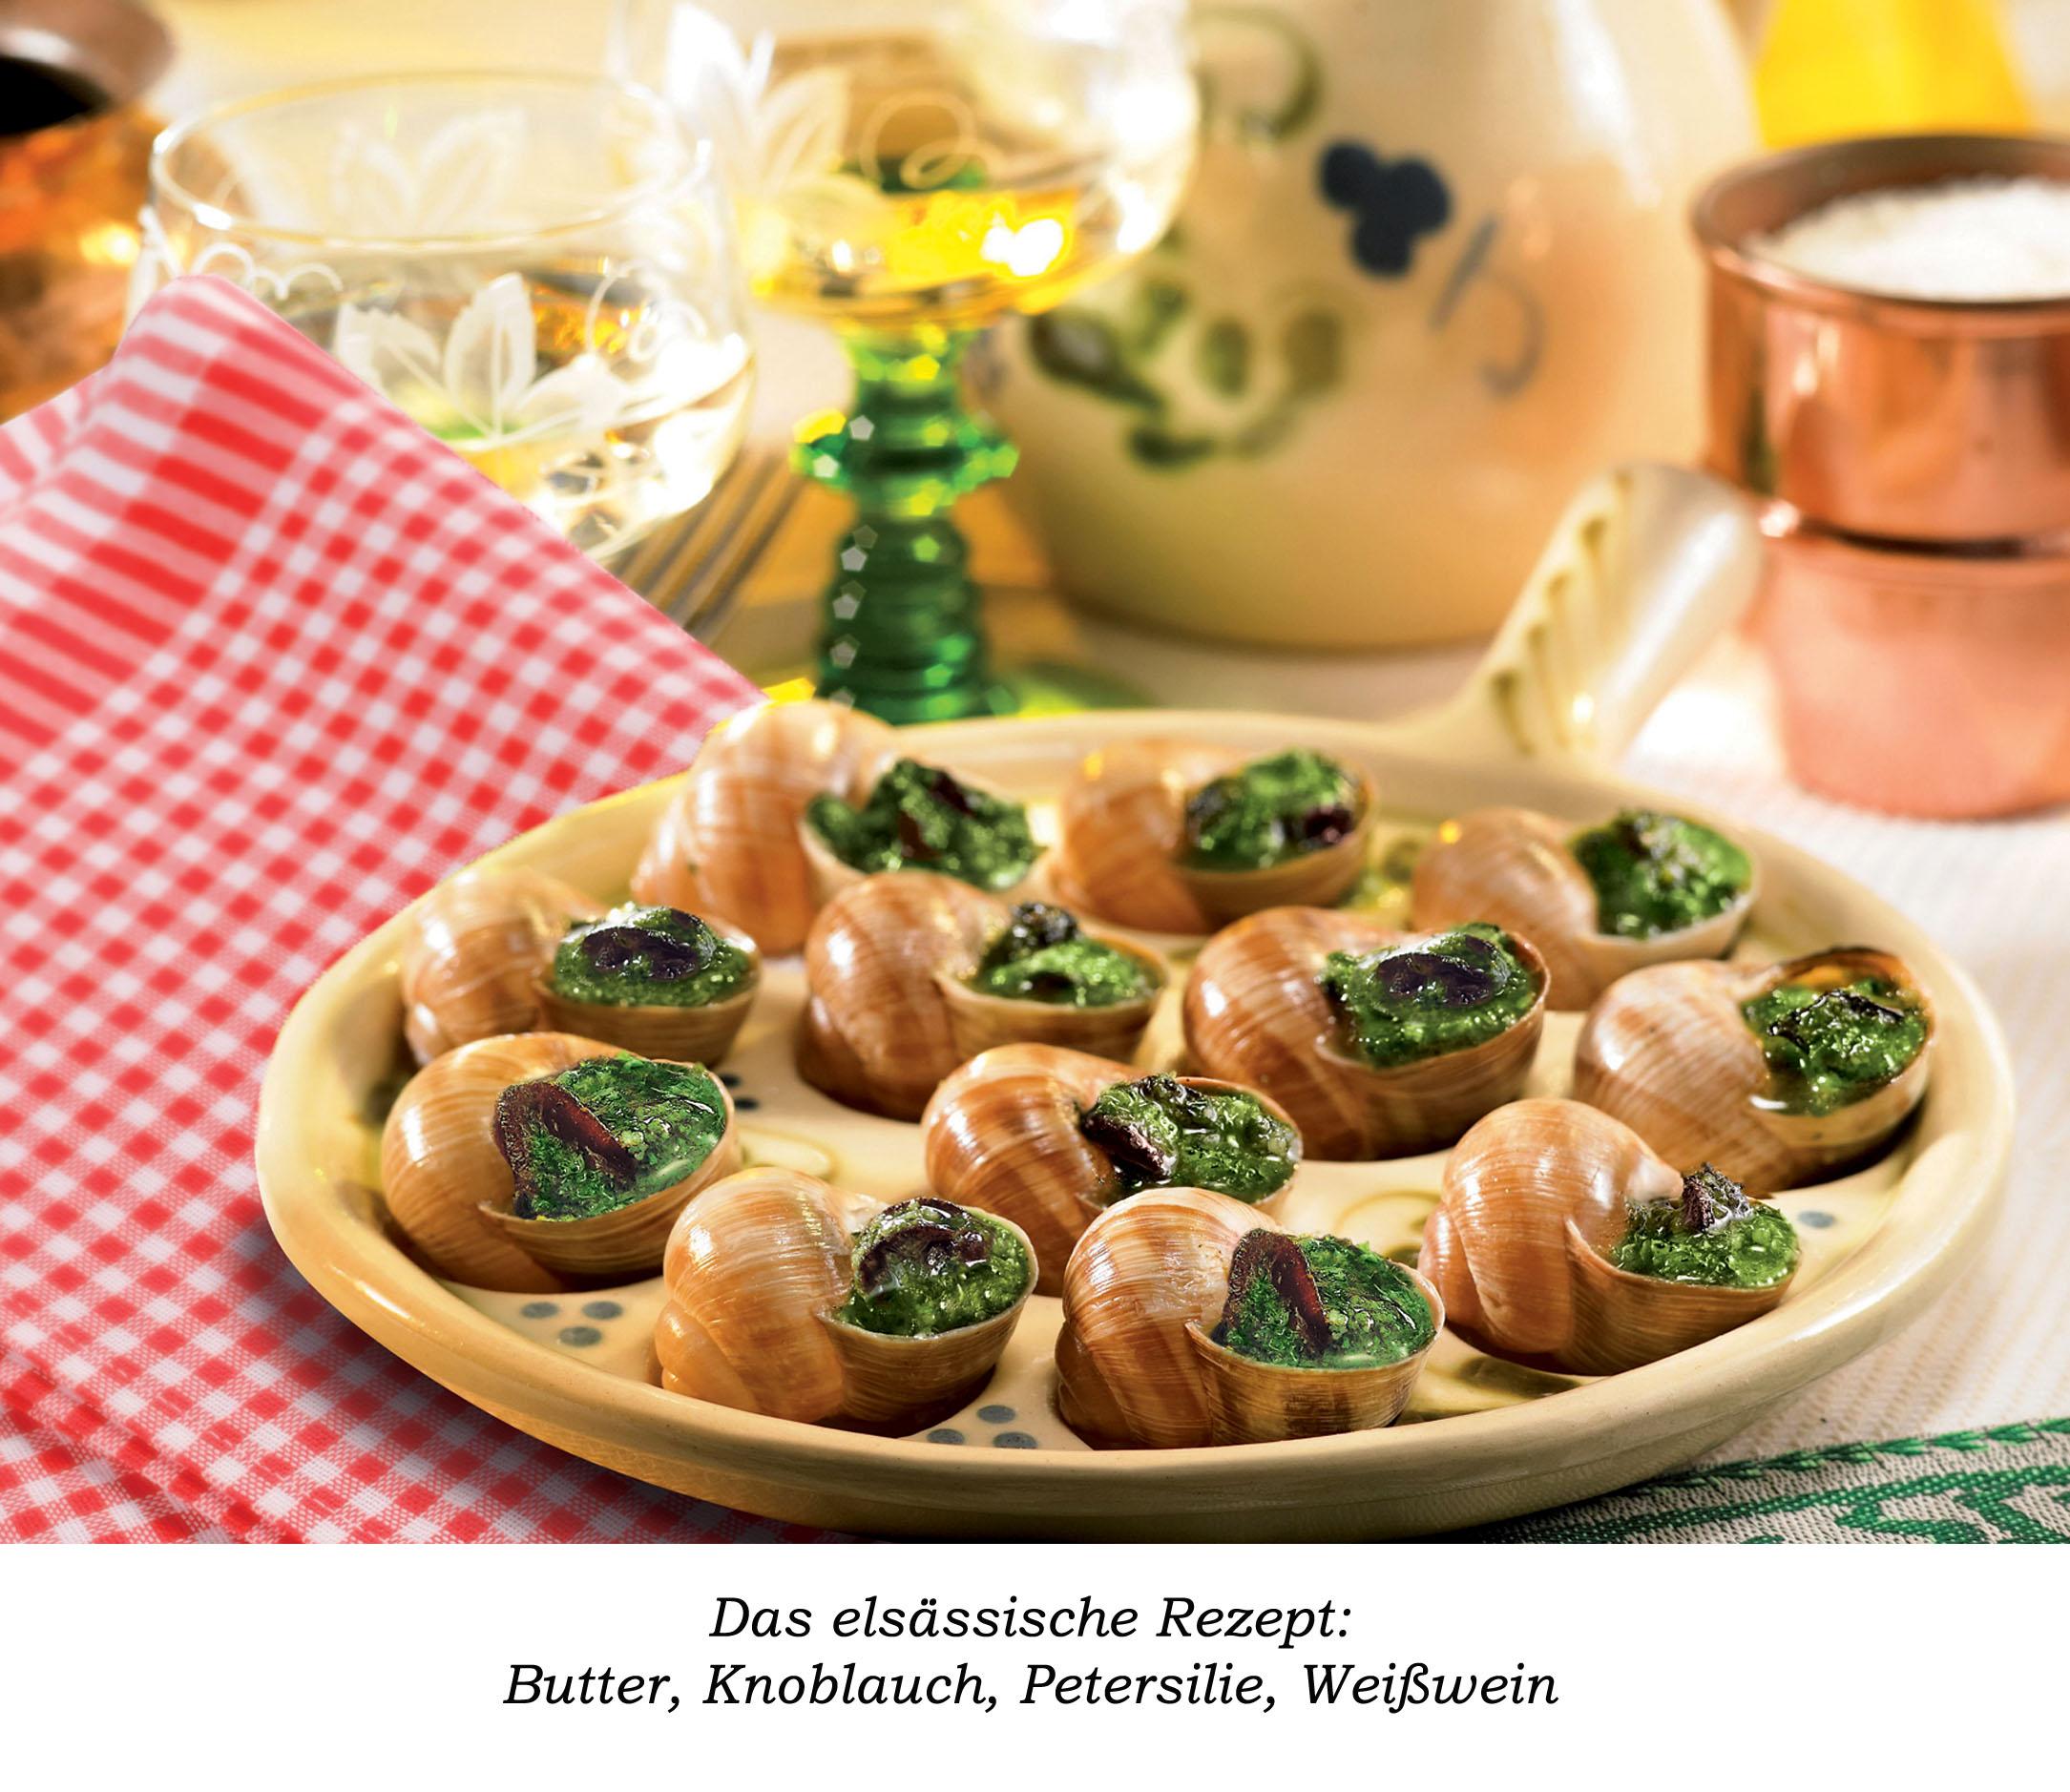 Ein gelber runder Teller mit Schnecken nach dem elsässischen Rezept dekoriert mit einer karrierten Serviette und einem Glas Weißwein